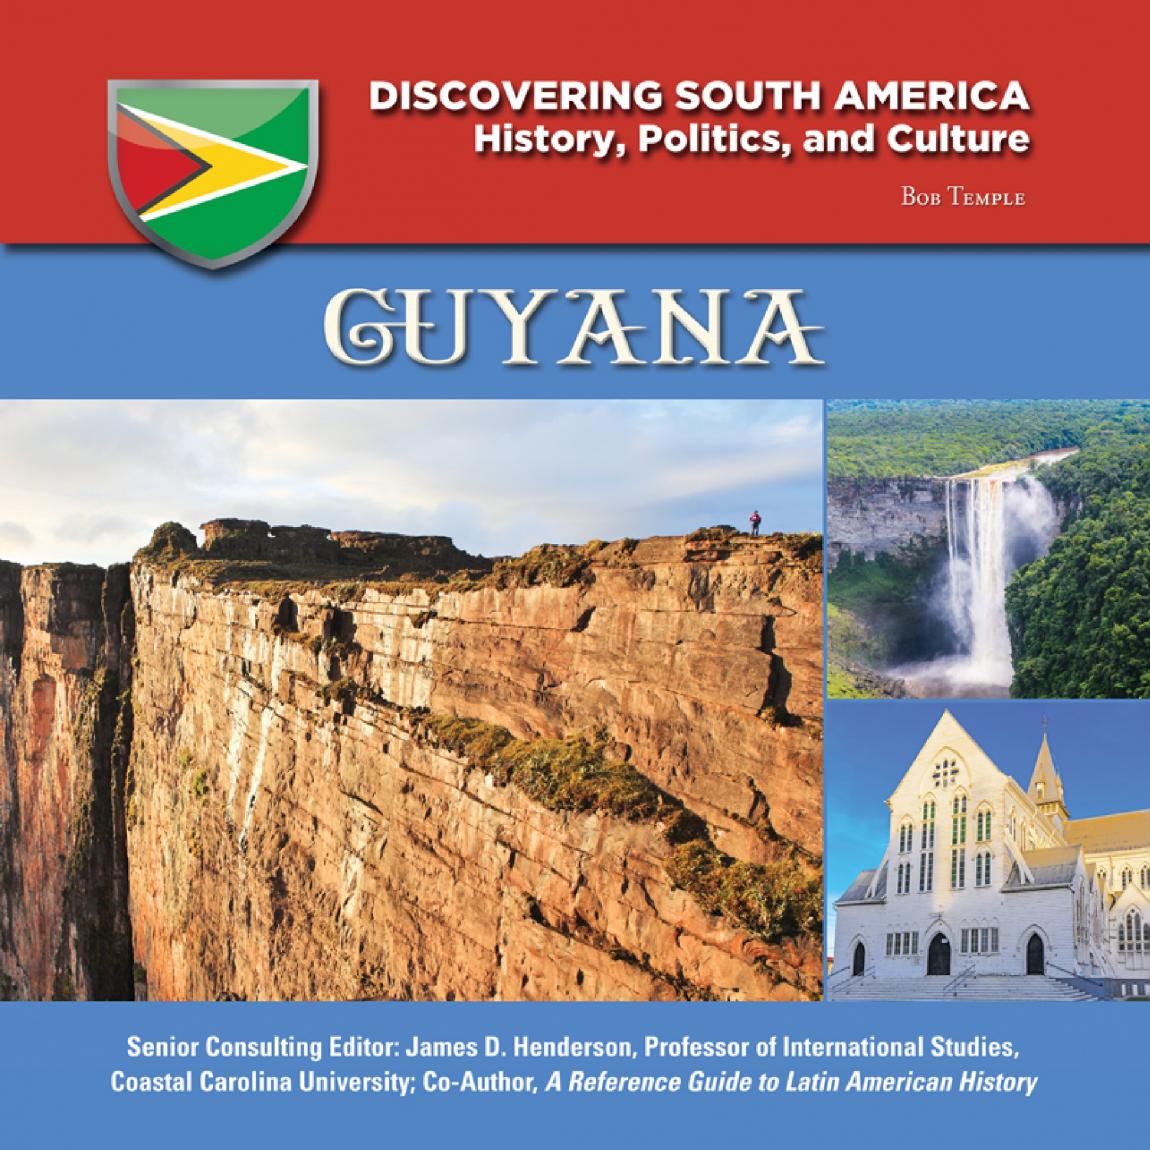 Guyana-01.png